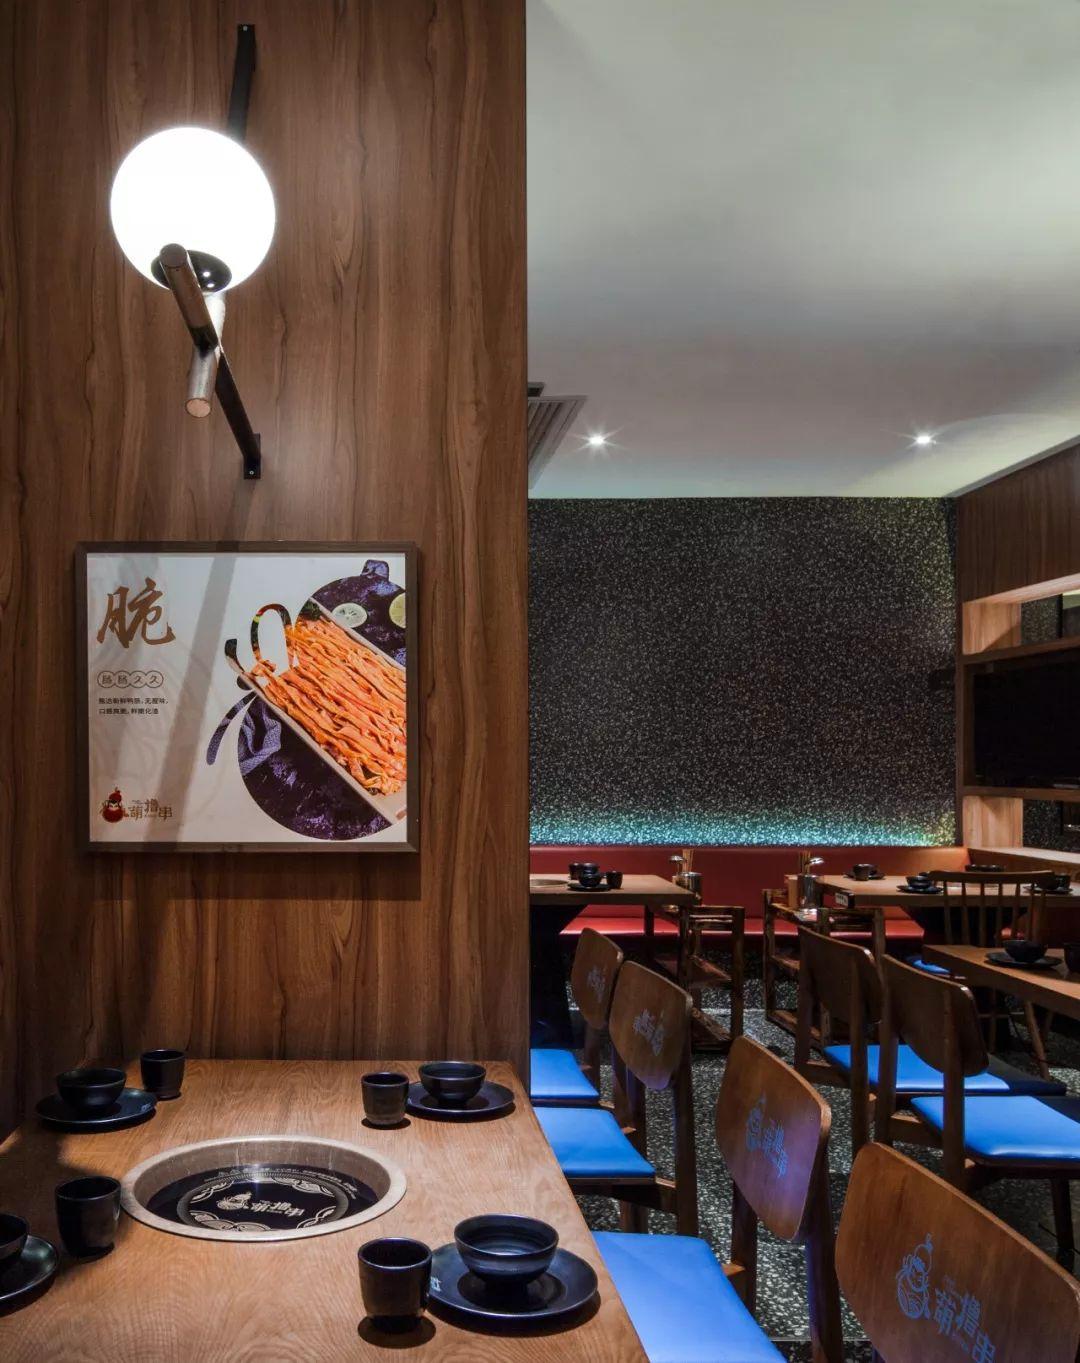 覃海华新作 | 葫撸串餐饮店:沸腾人生,热辣而自在图片